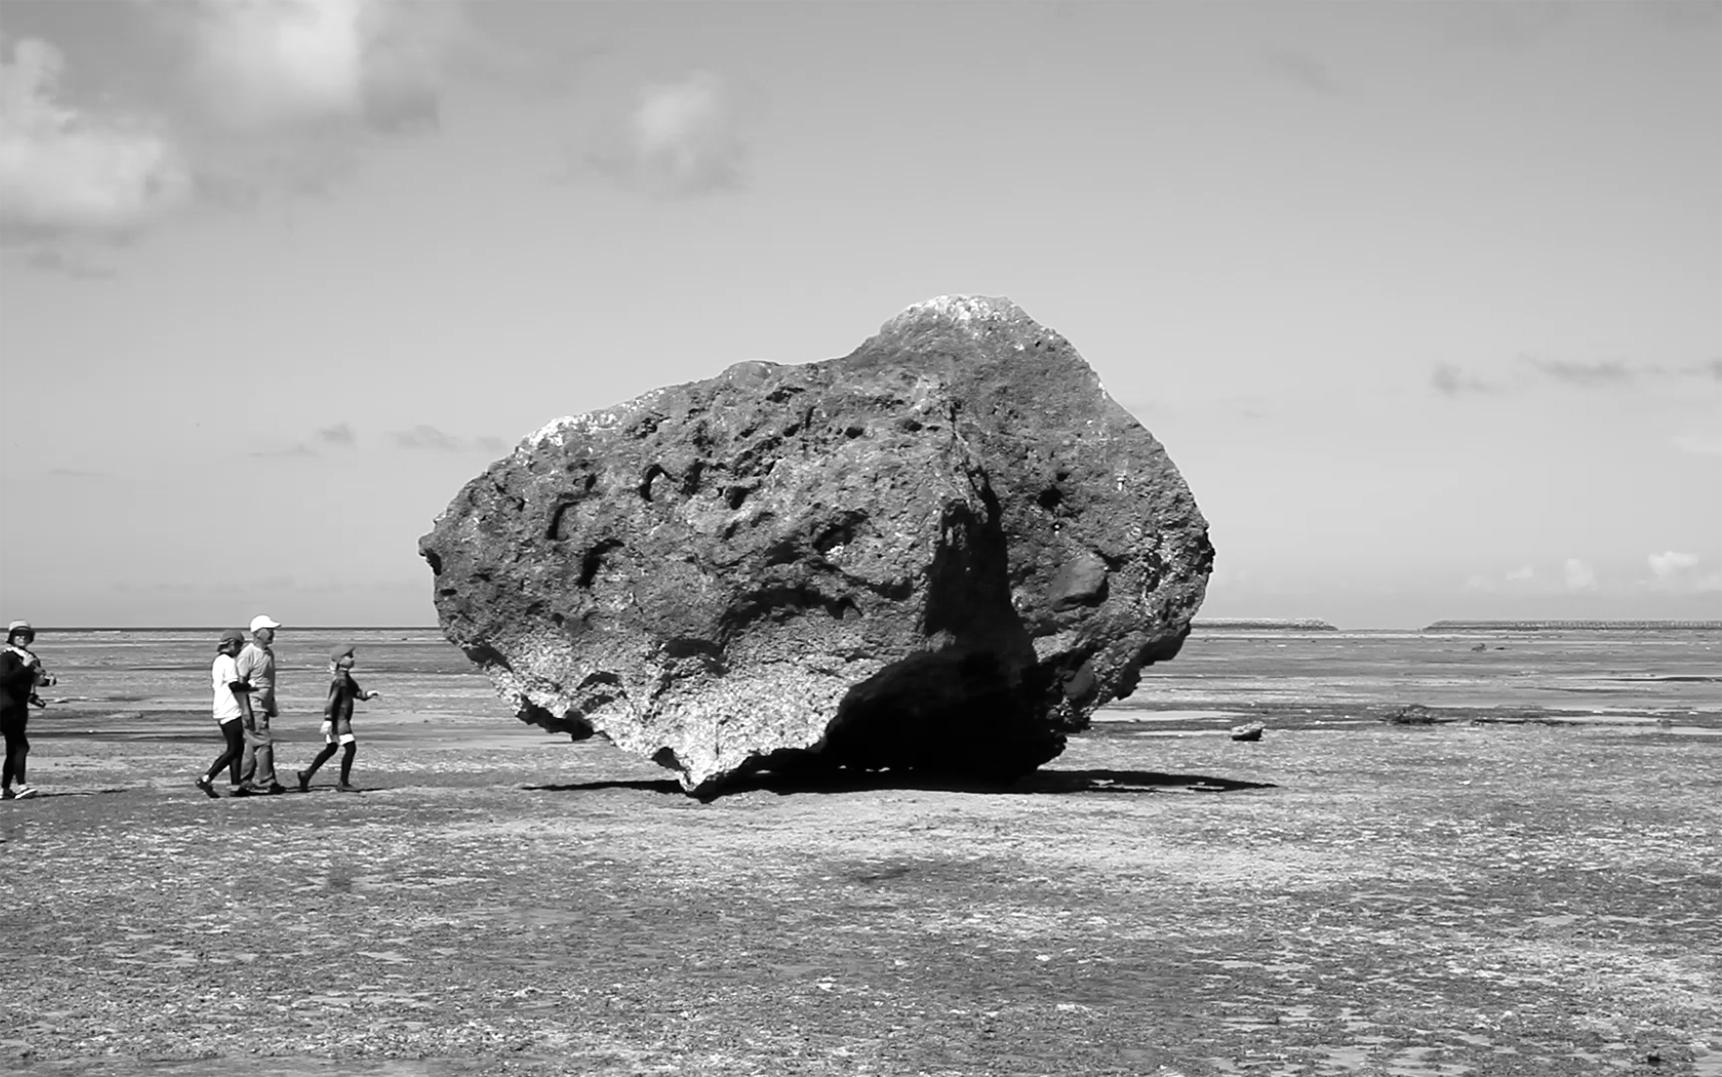 006_cosmoseggs_01tsunami_boulder2.jpg